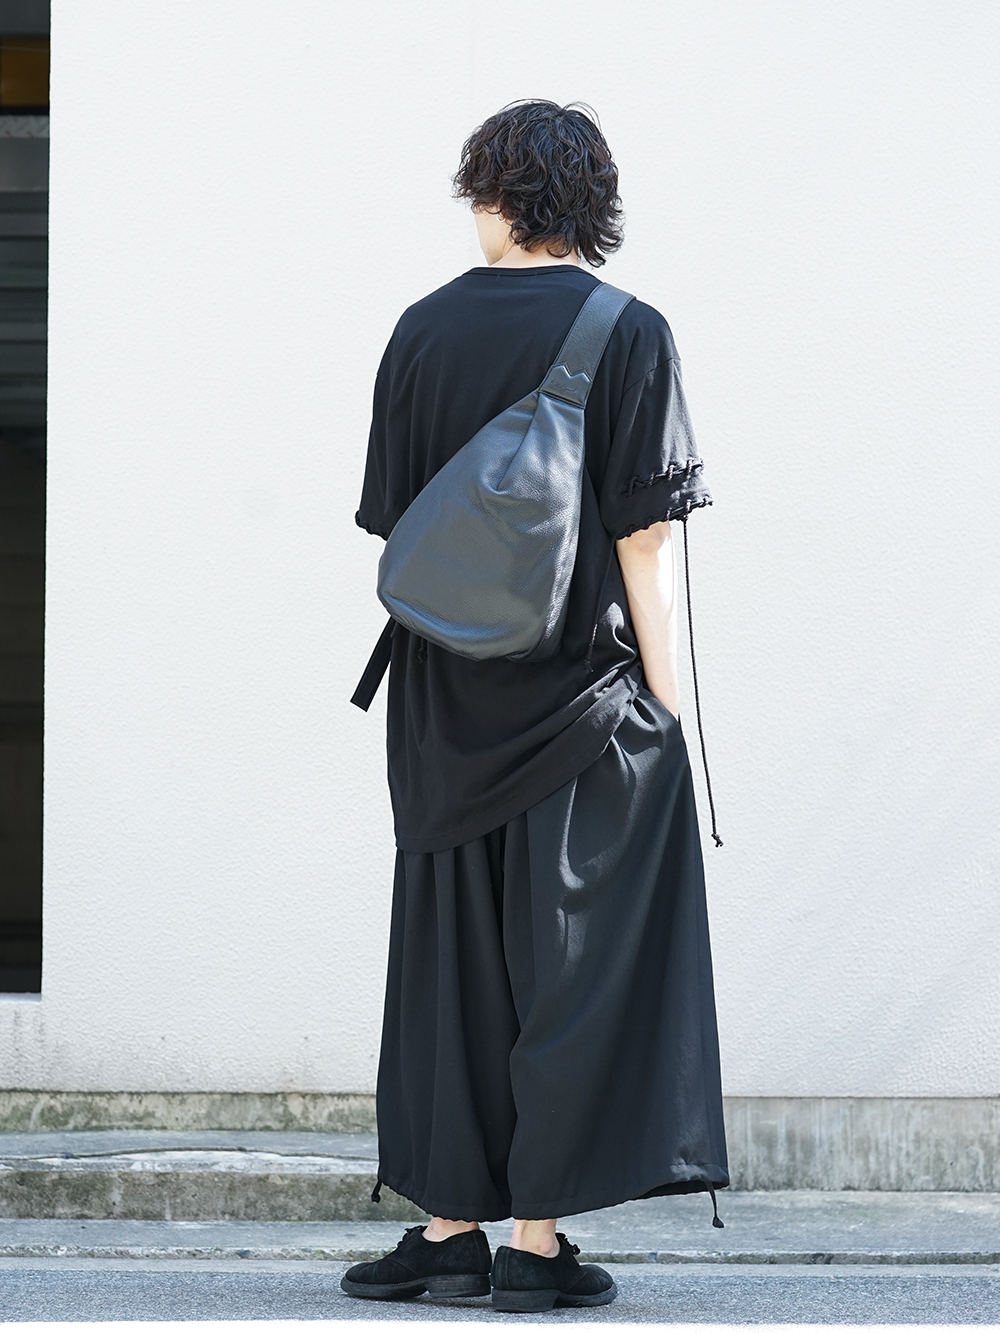 Tuck One Shoulder Bag Have Arrived! - 1-001